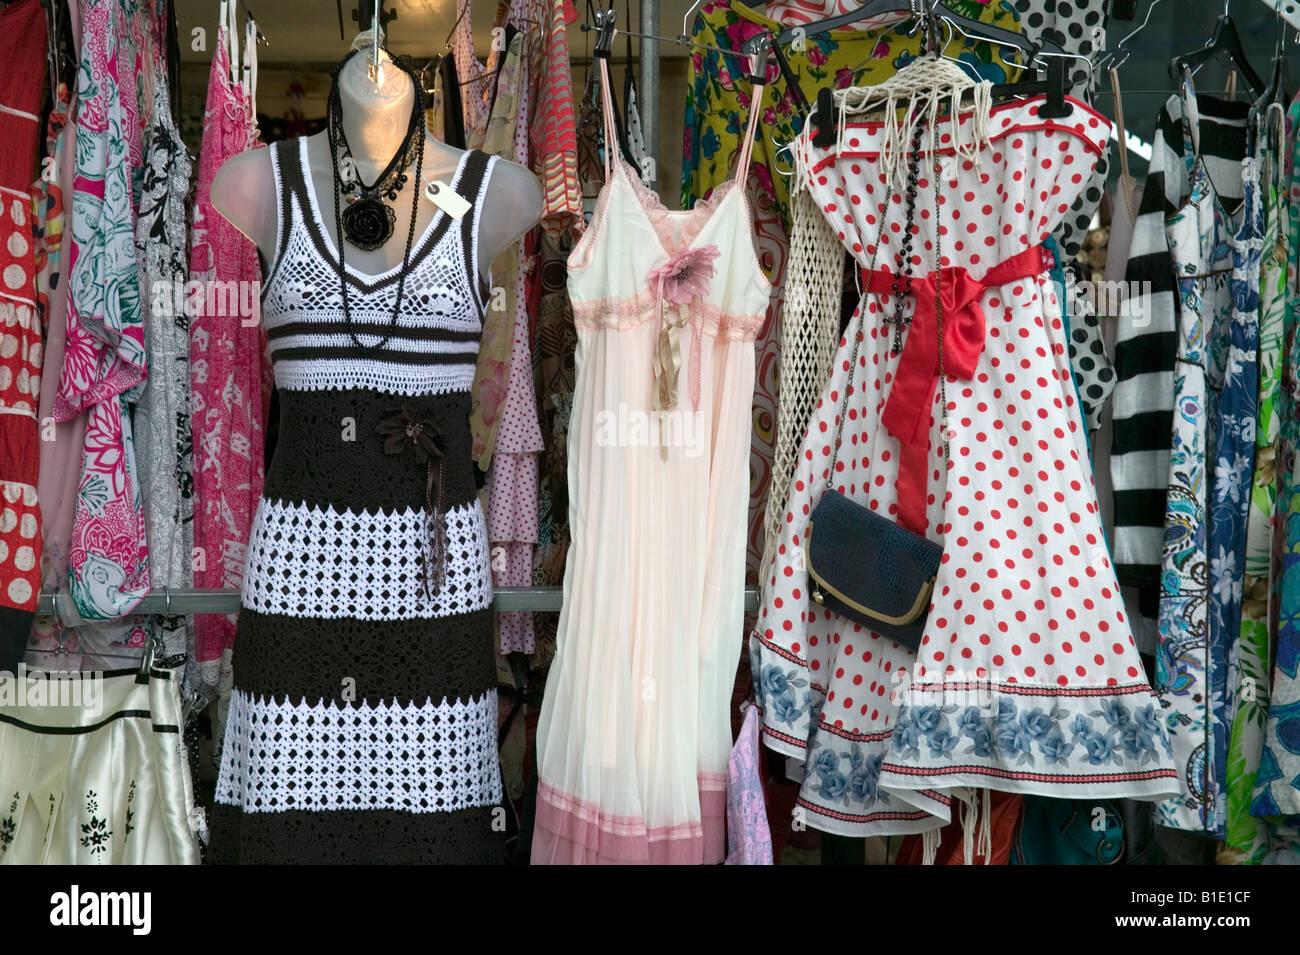 london vintage clothes